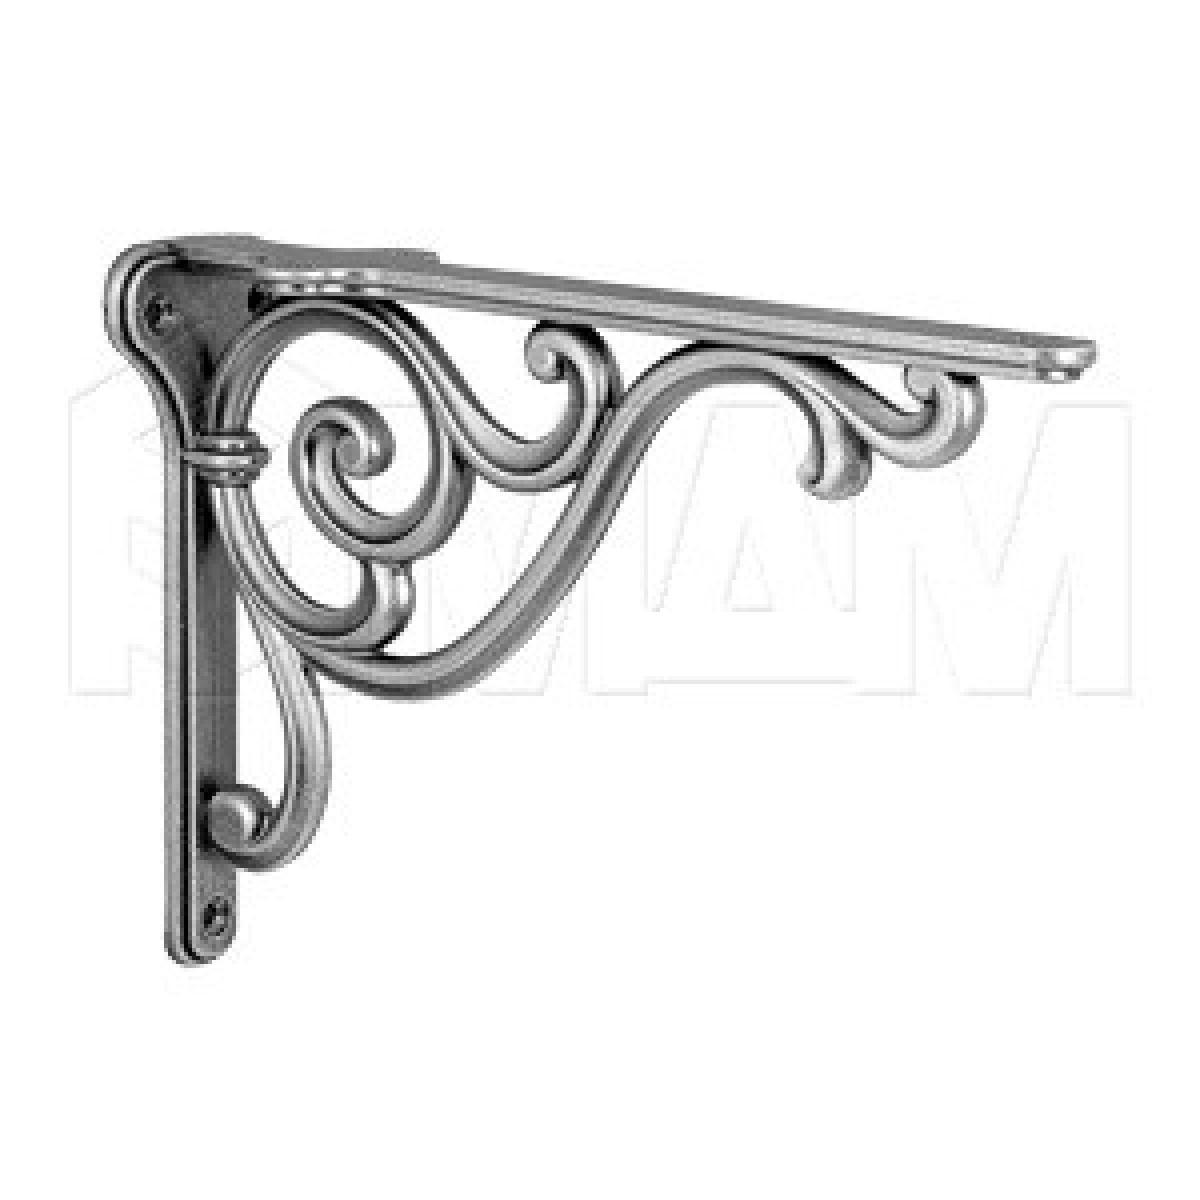 ROME Менсолодержатель для деревянных полок L-200 мм, серебро состаренное